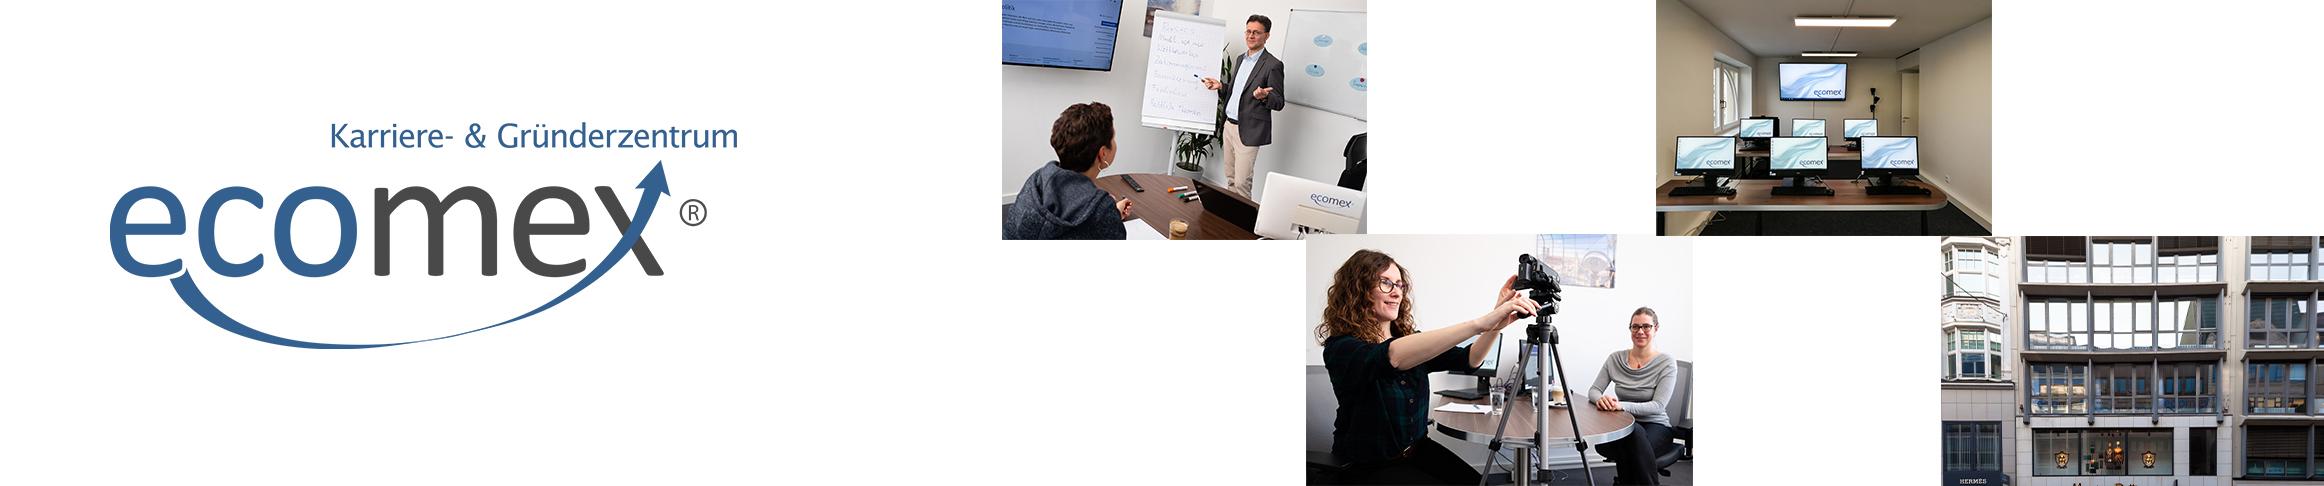 bildungs-influencer-digitalisierung-weiterbildung-gefoerdert